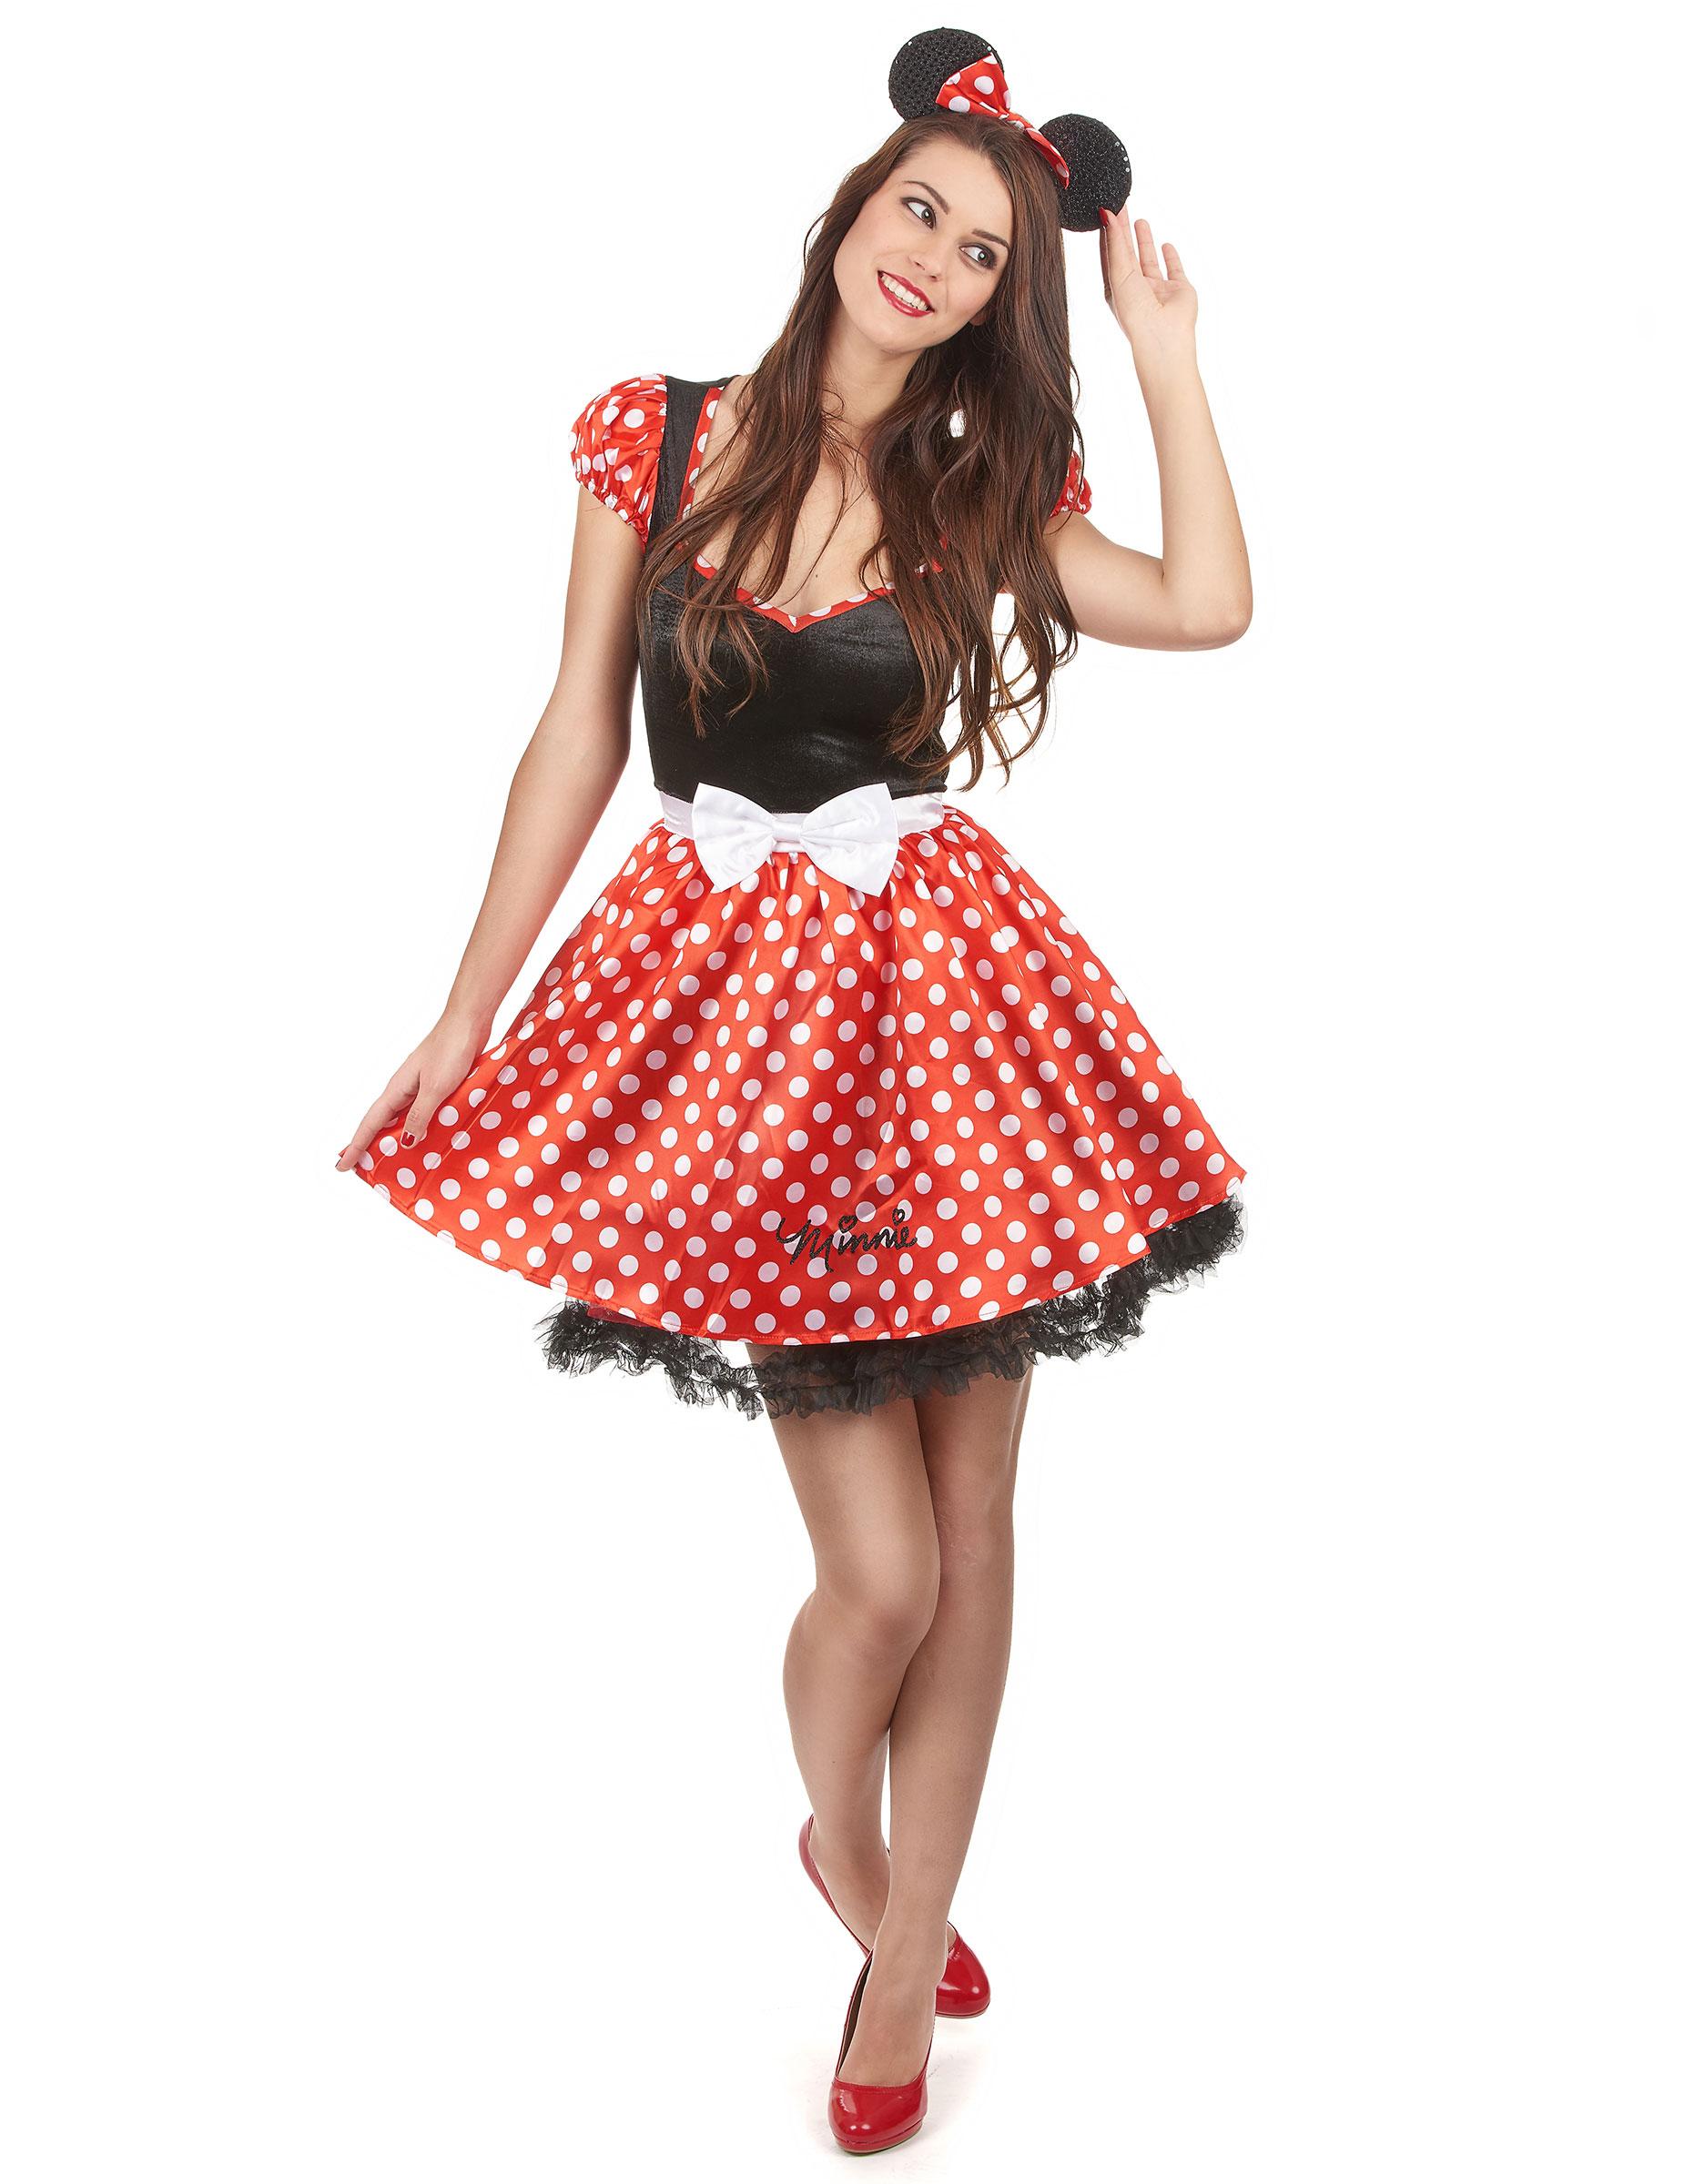 Minnie Mouse Disney Damenkostum Maus Lizenzkostum Schwarz Rot Weiss